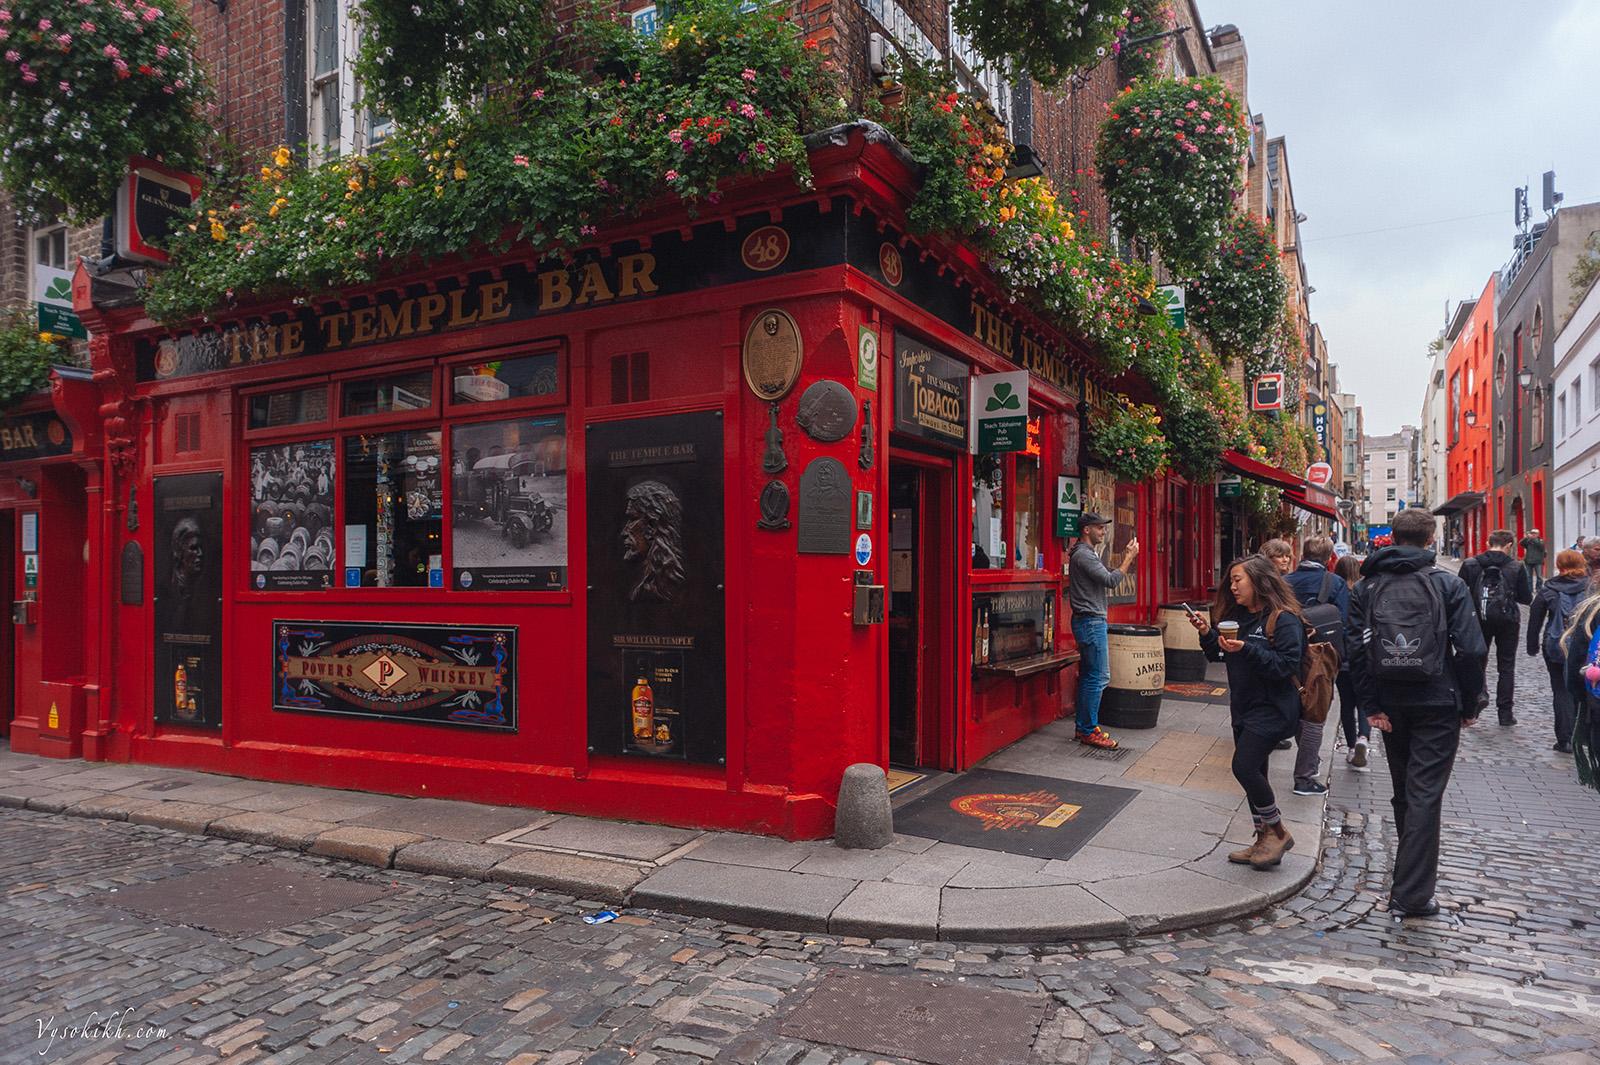 The Temple Bar - пожалуй, самый известный паб в одноименном районе. Работает с 1840 года.